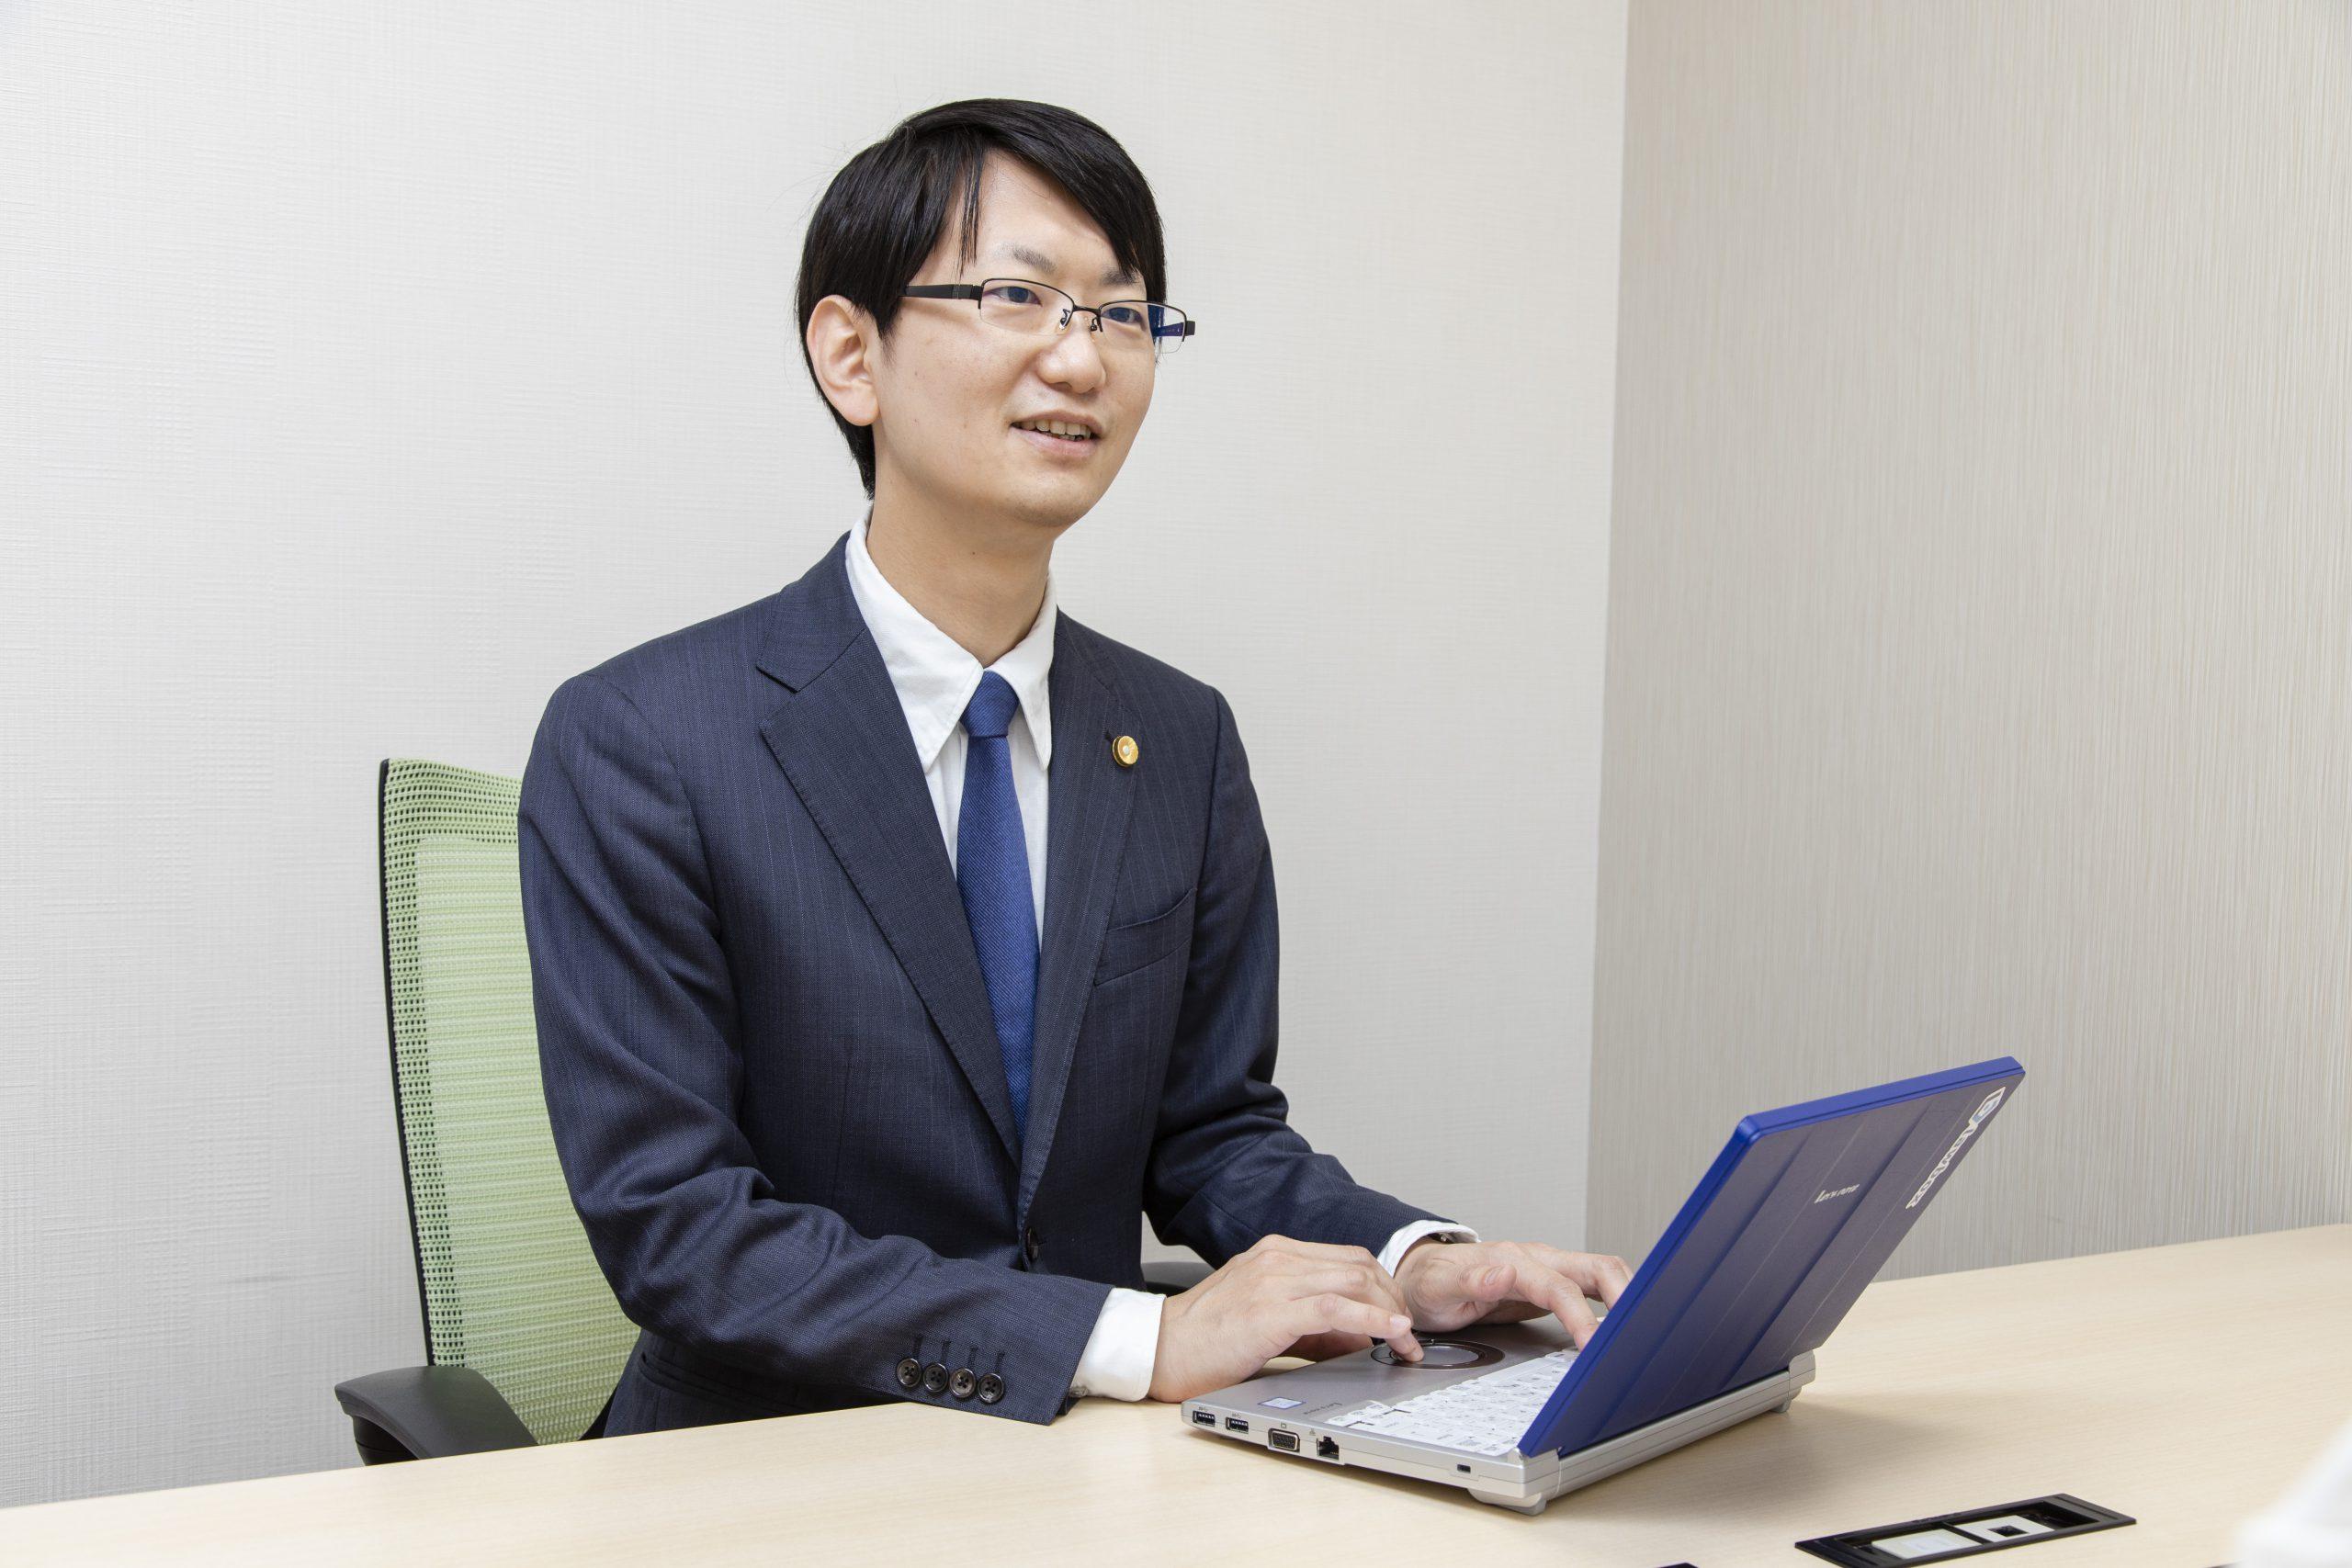 【銀座高岡法律事務所の弁護士紹介】弁護士 吉田洋